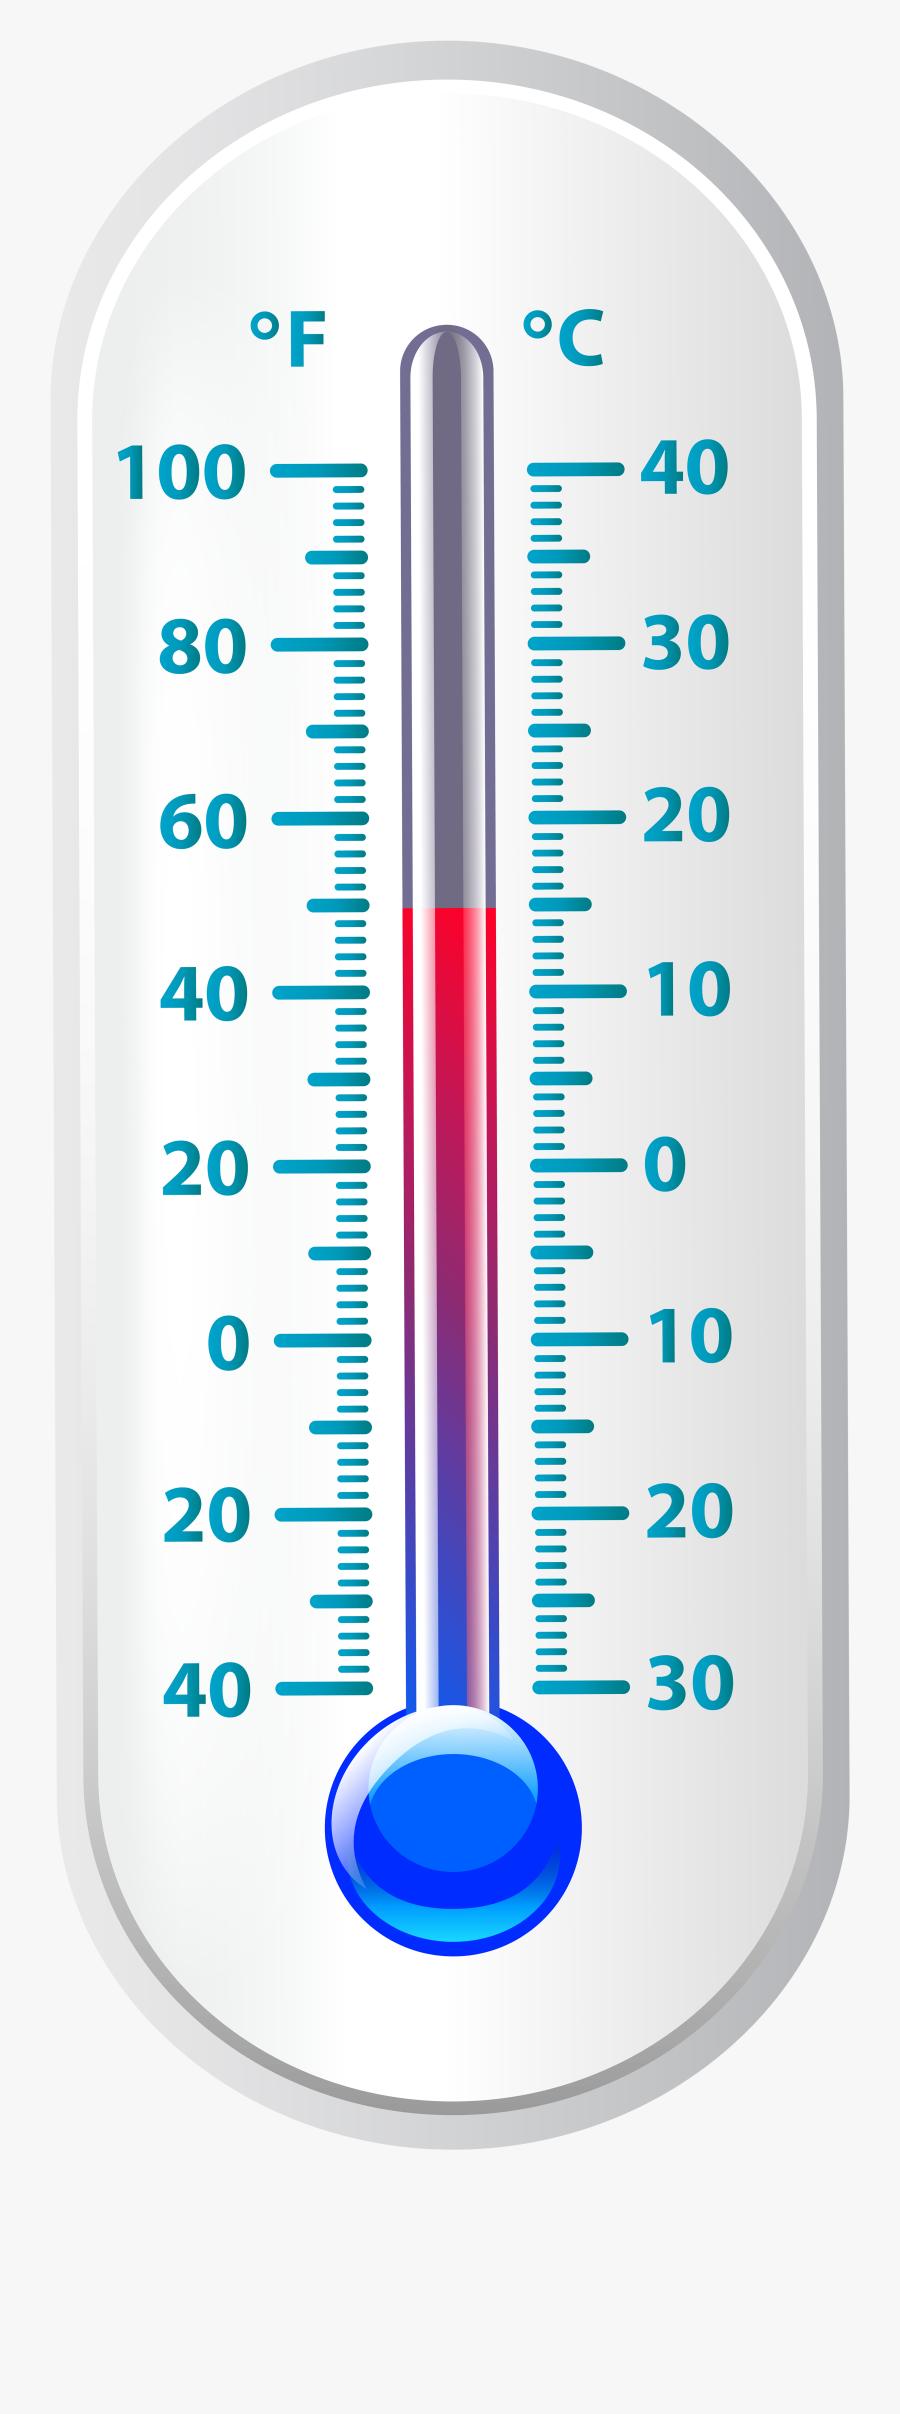 Thermometer Weather Icon Png Clip Art Termometro Para El Clima Free Transparent Clipart Clipartkey Termómetro analógico a un ¡¡precio imbatible!!, con el que podrás controlar la temperatura de tu cultivo y mantenerla en las mejores condiciones. thermometer weather icon png clip art